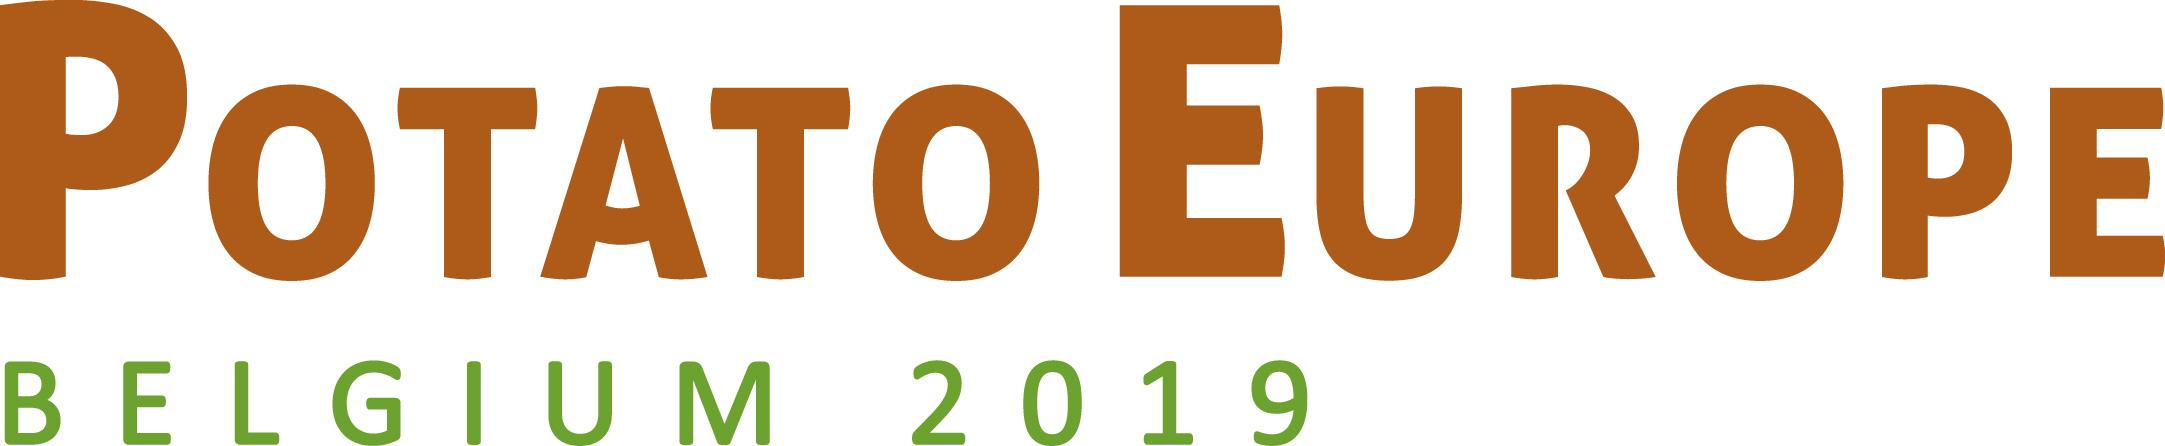 Rezultatul imaginii pentru cartofi europeni 2019